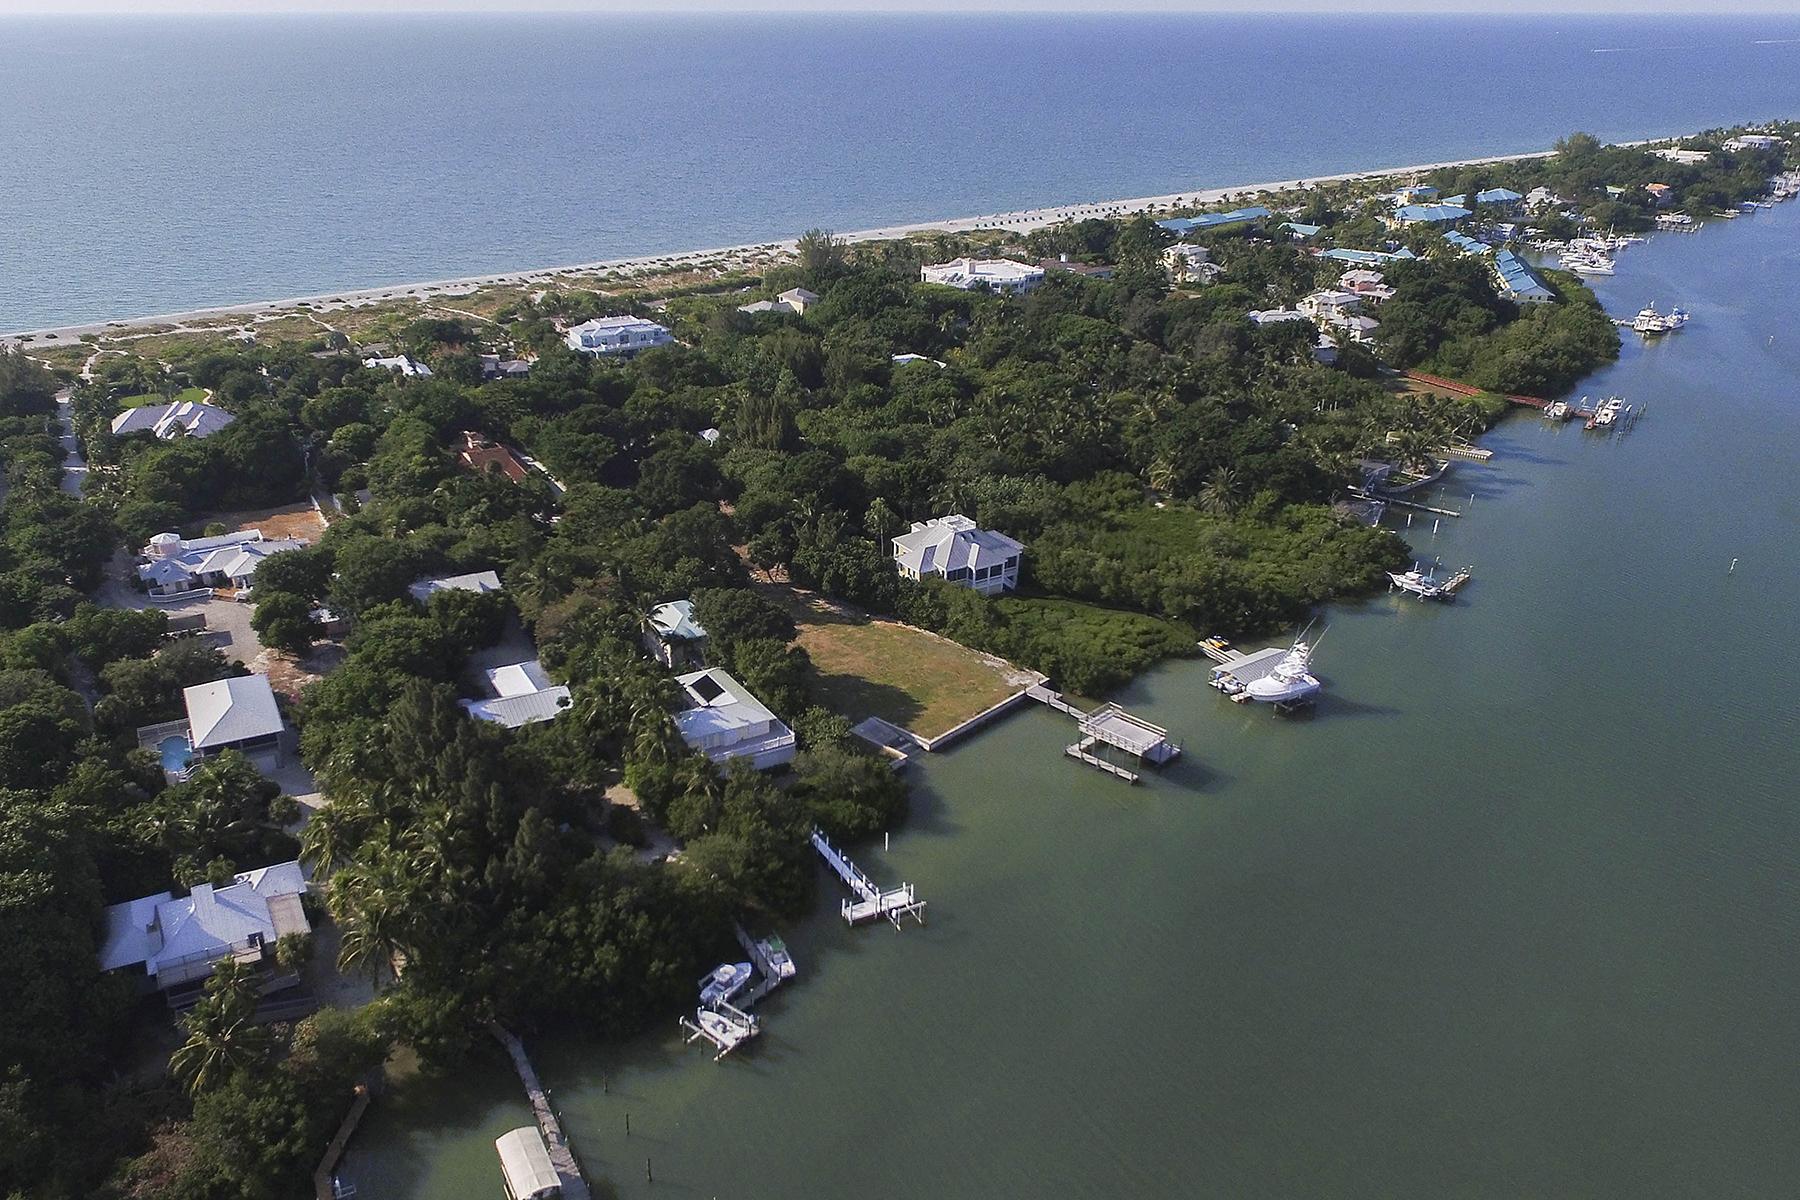 独户住宅 为 销售 在 CAPTIVA 16181 Captiva Dr 科帕奇, 佛罗里达州, 33924 美国